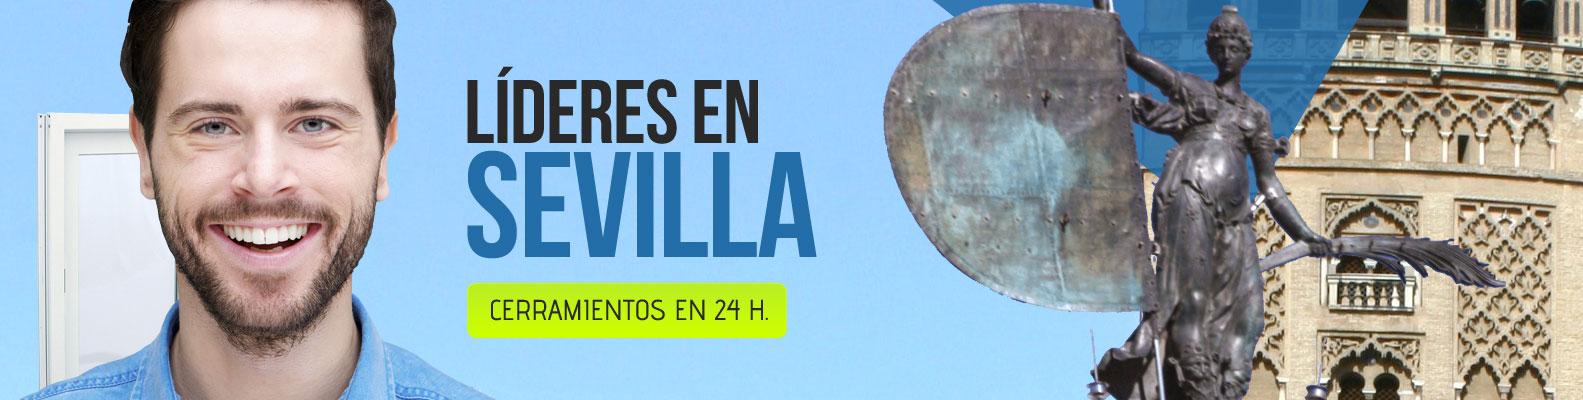 Cerramientos económicos contacto 24 horas en Sevilla